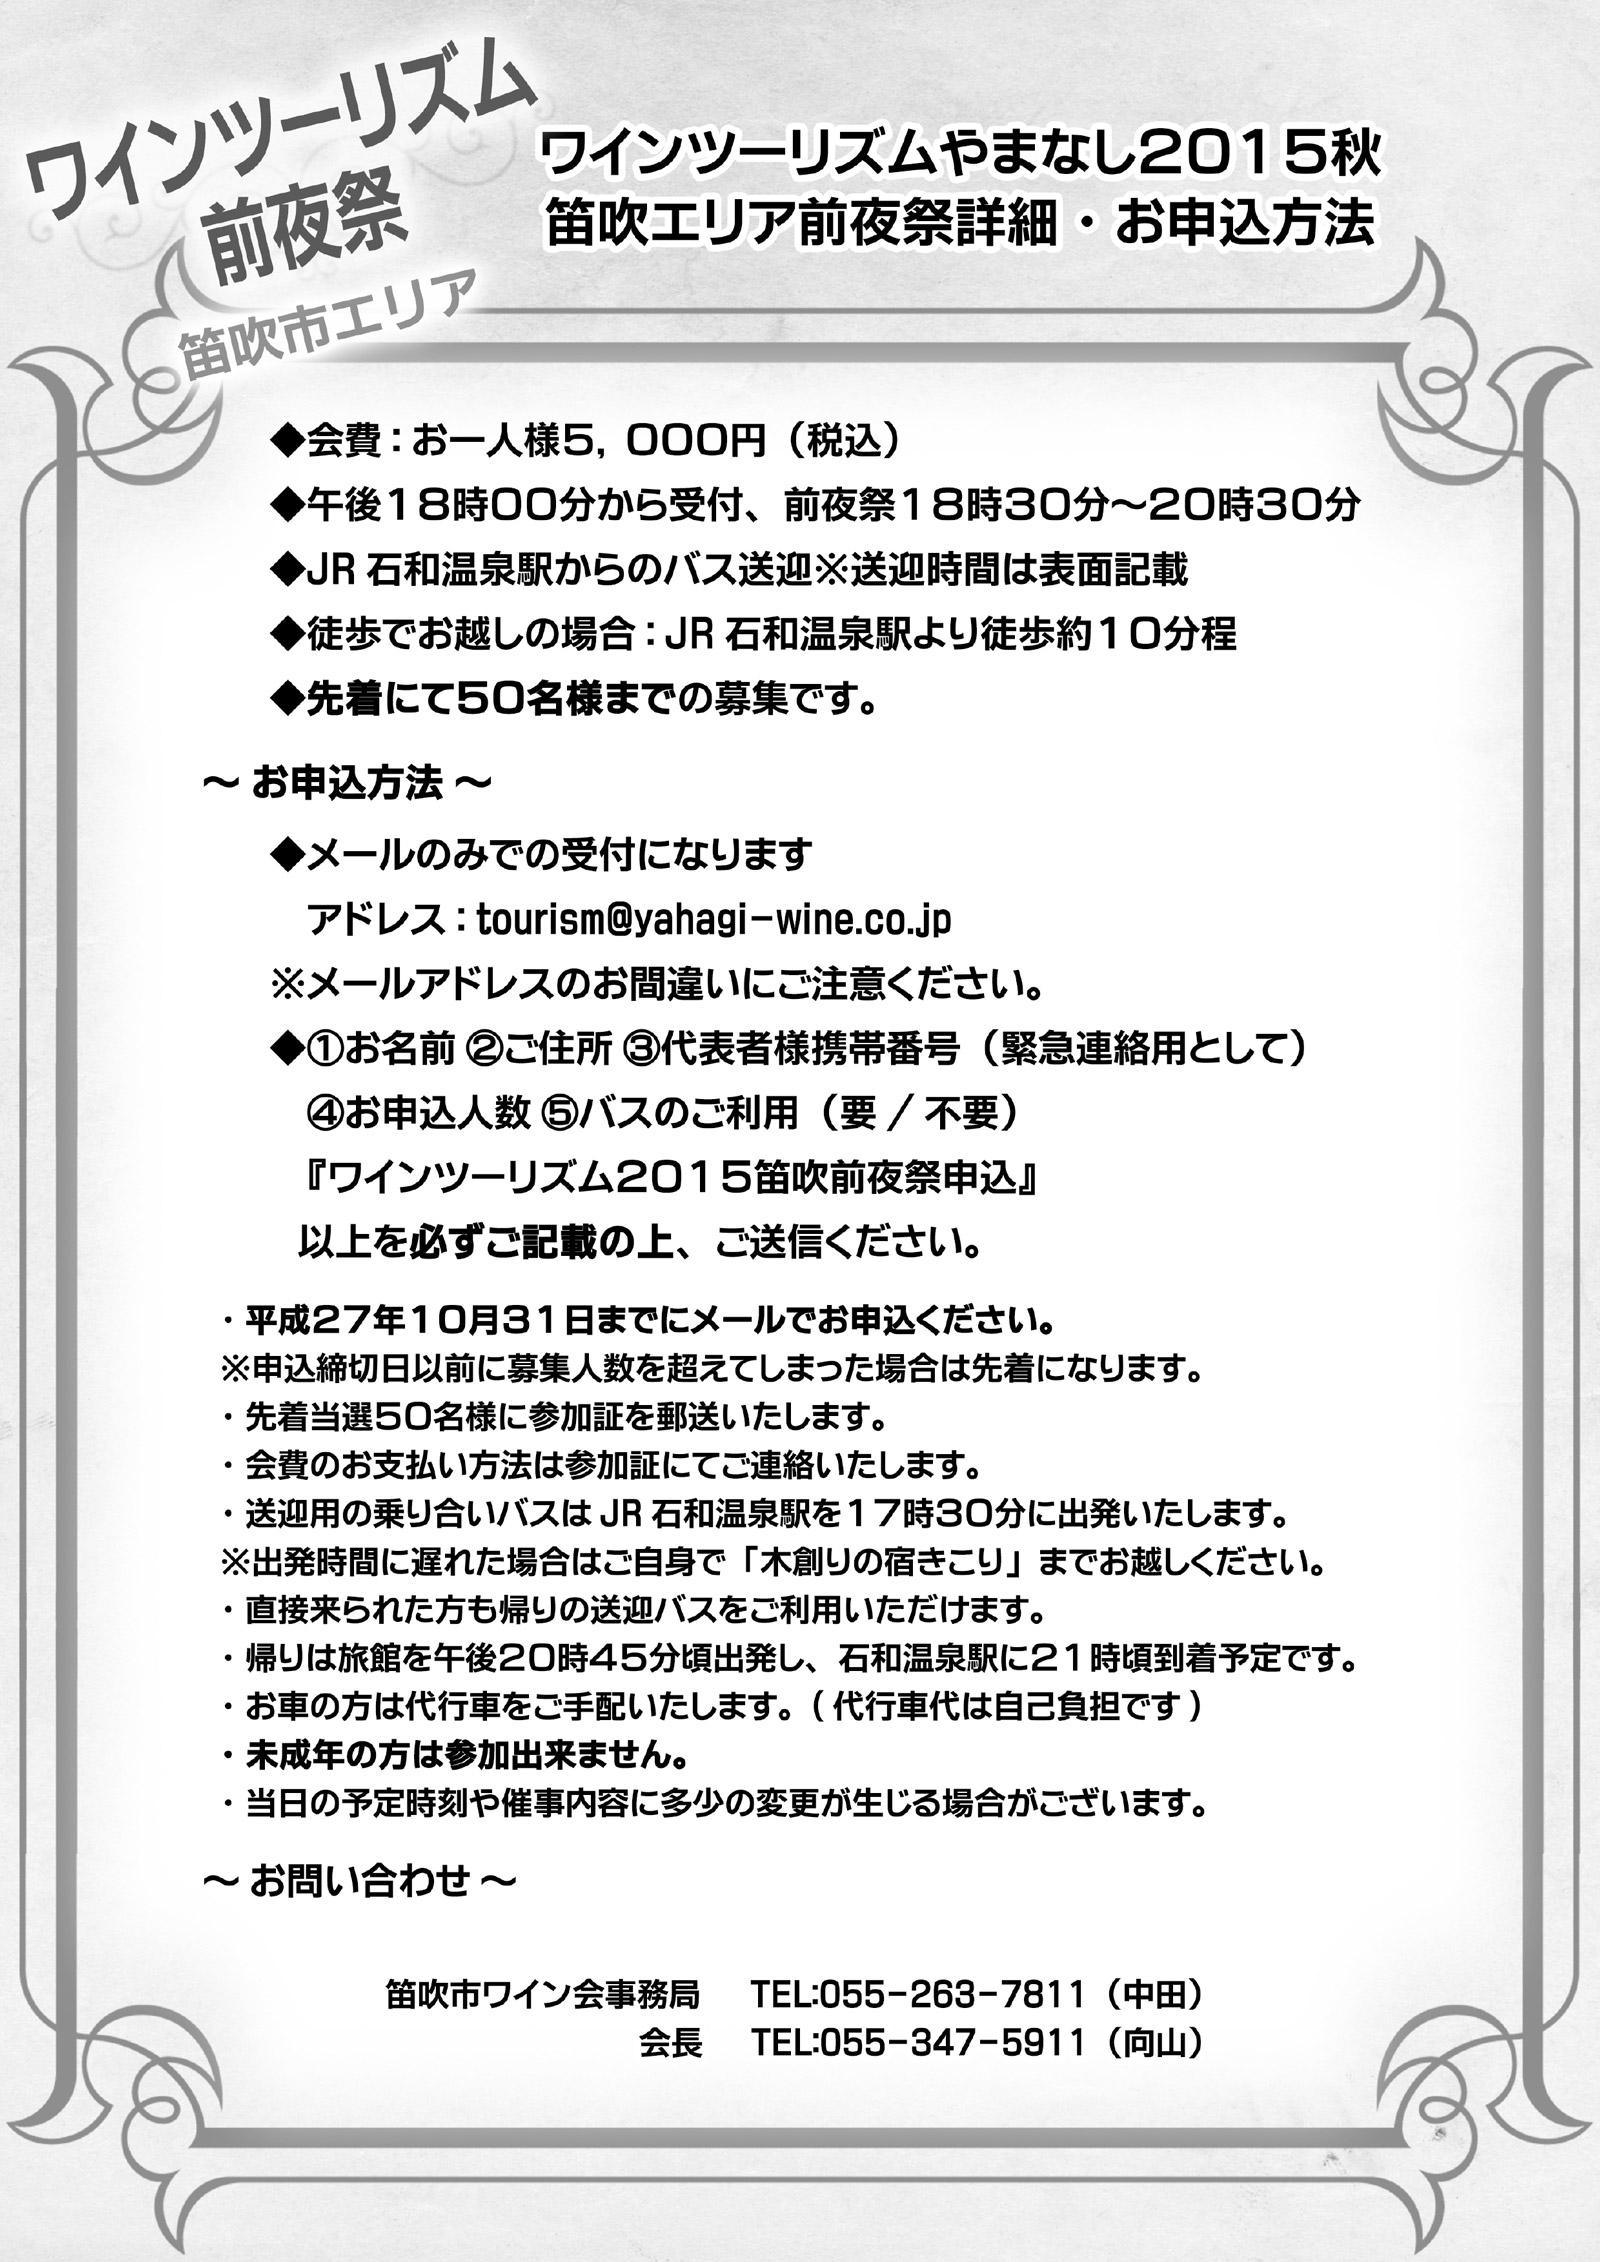 2015winetourism-zenyasai_2